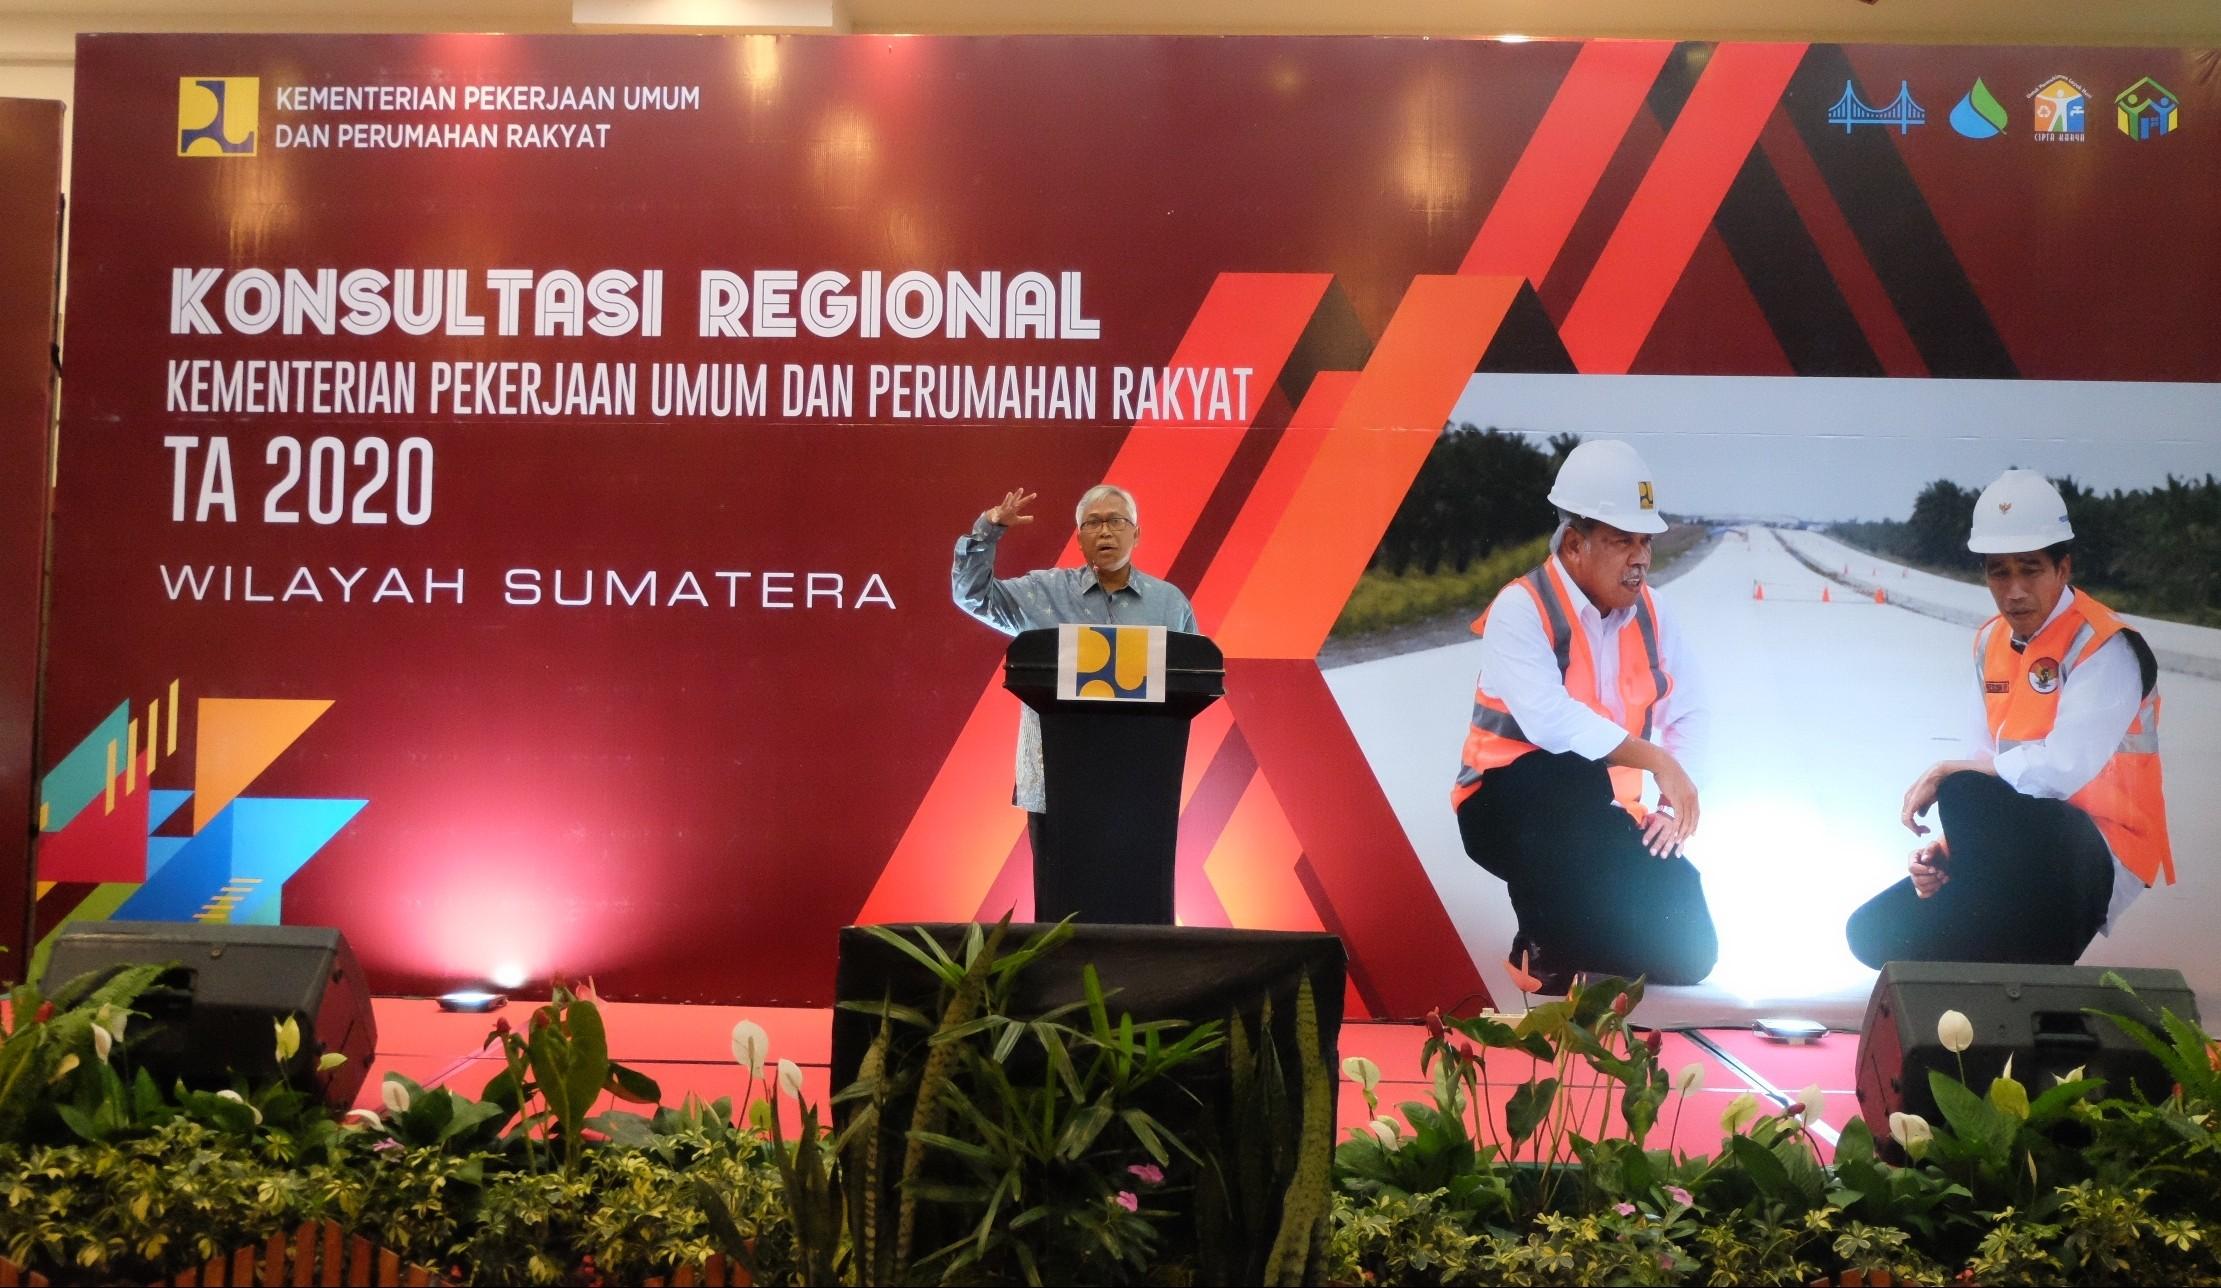 Pemerintah Pusat Beri Perhatian Khusus terhadap Pembangunan Infrastruktur di Wilayah Sumatera